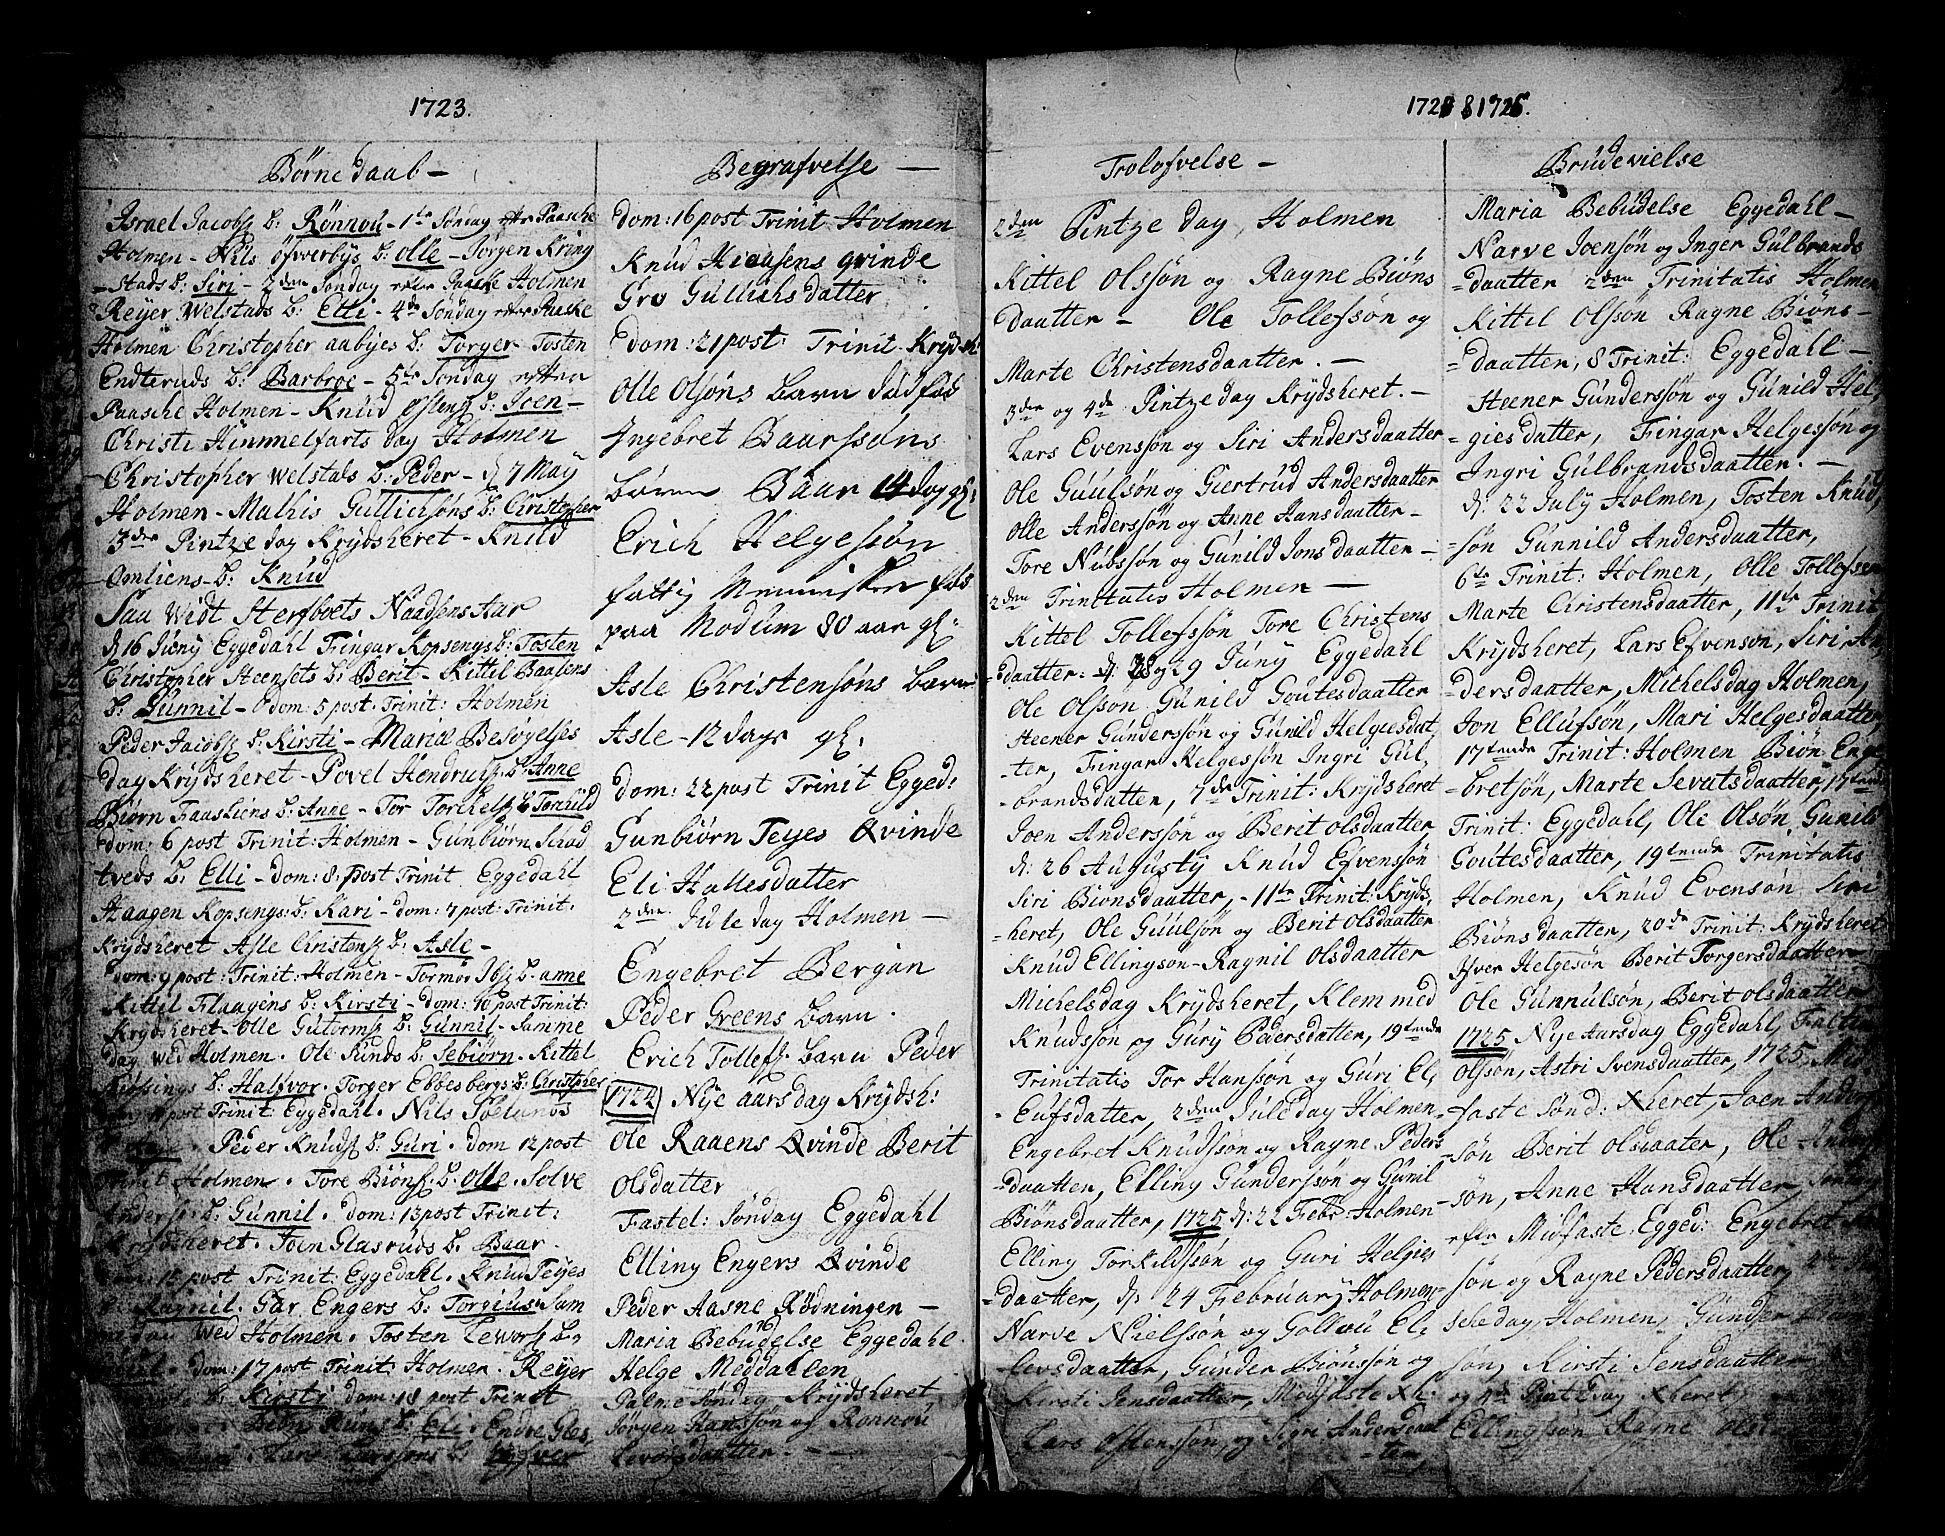 SAKO, Sigdal kirkebøker, F/Fa/L0001: Ministerialbok nr. I 1, 1722-1777, s. 7